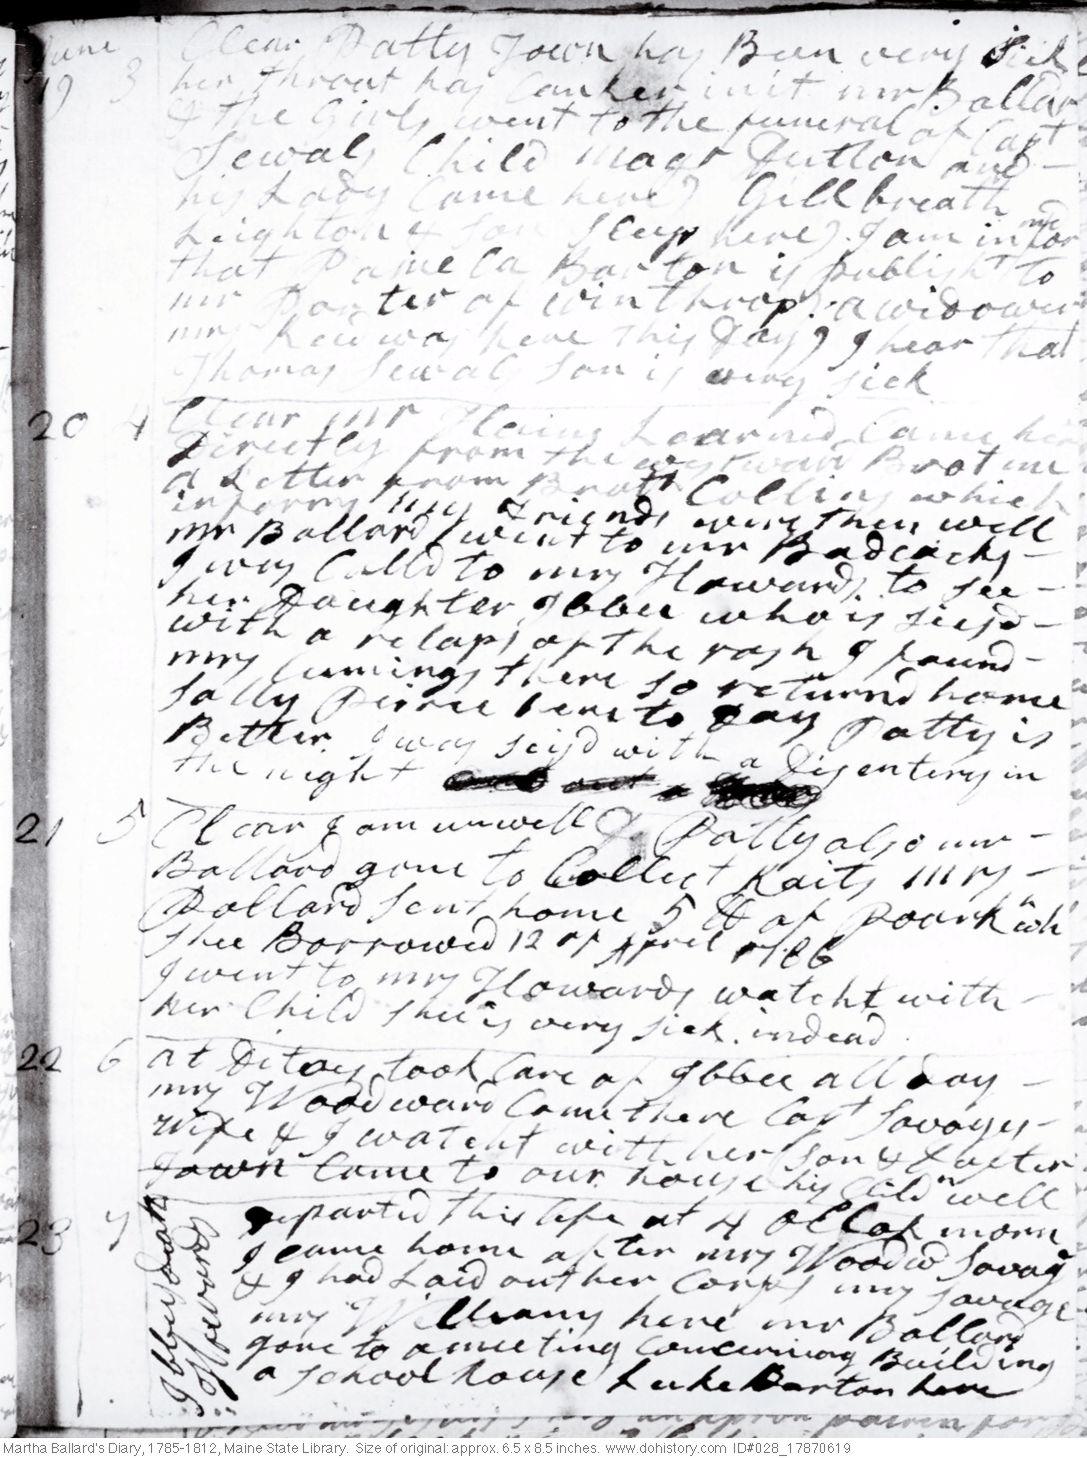 Martha Ballard's Diary, Jun. 19-23, 1787 (I)